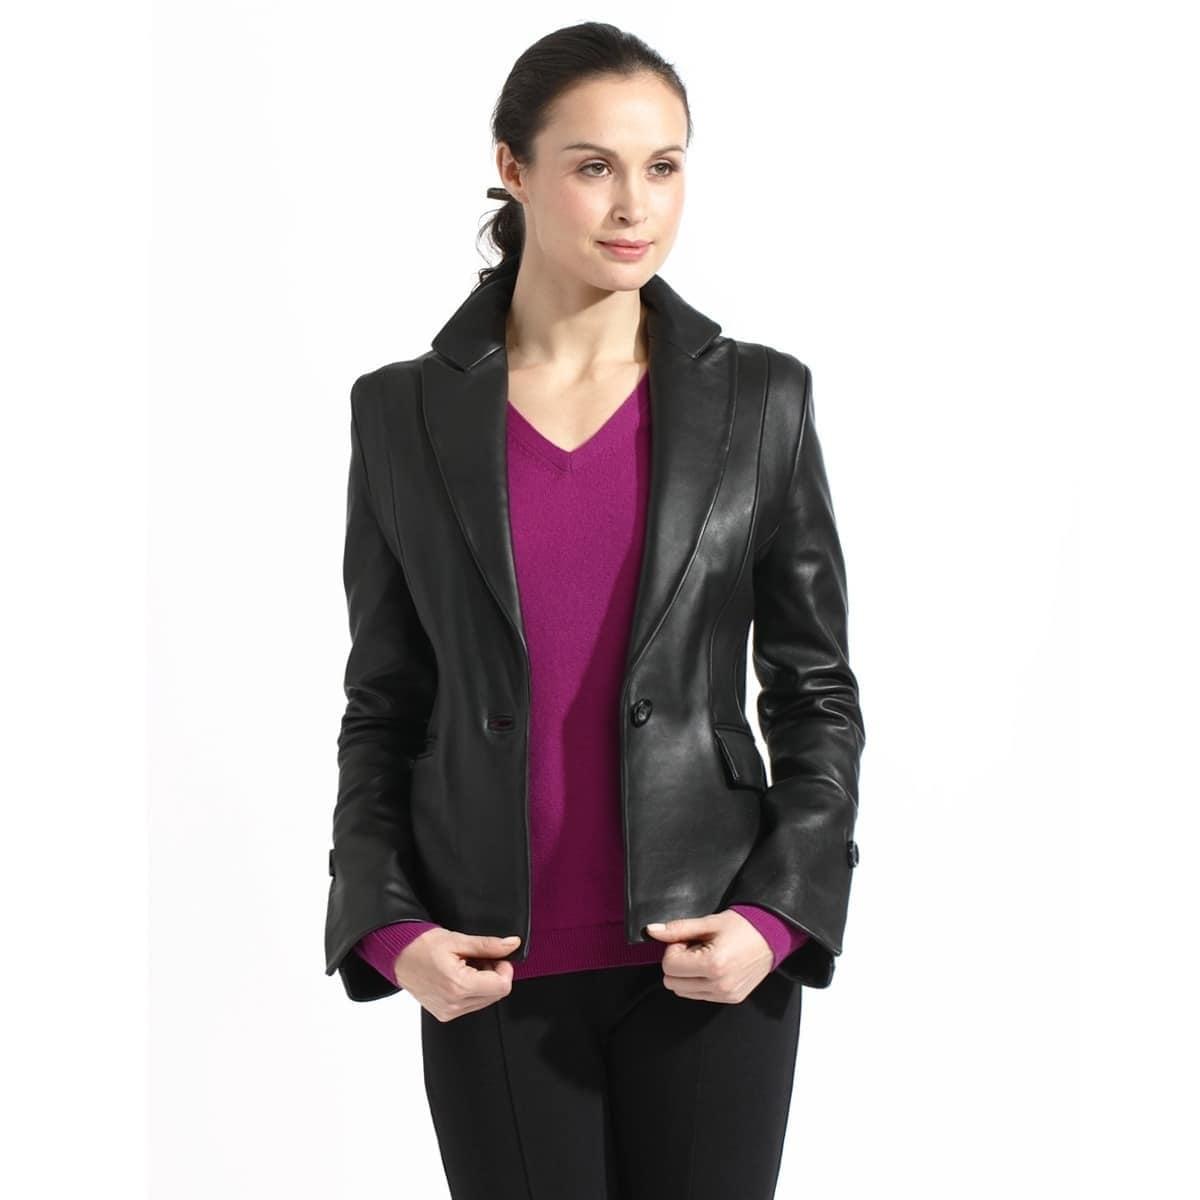 8c1ee8074a2 Buy Coats Online at Overstock